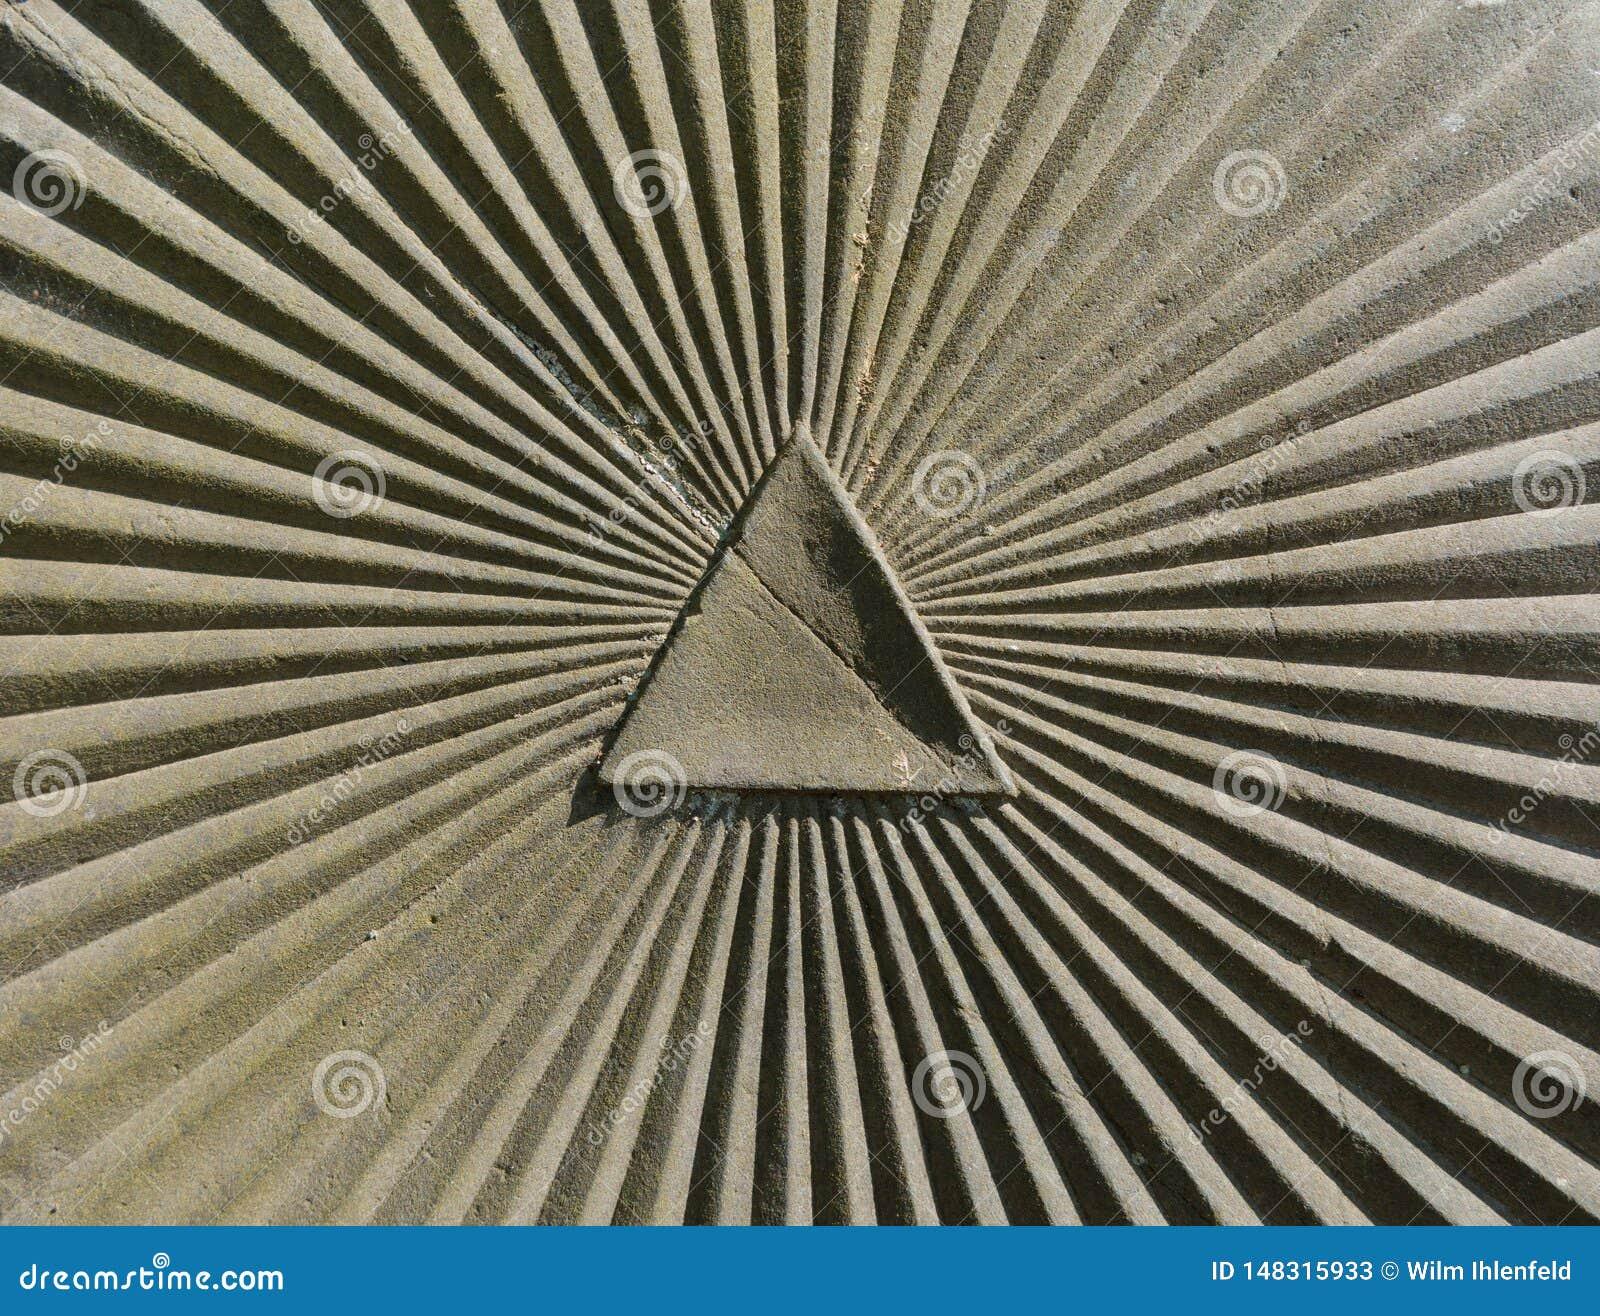 三角和sumbeam作为一个标志上帝的眼睛的